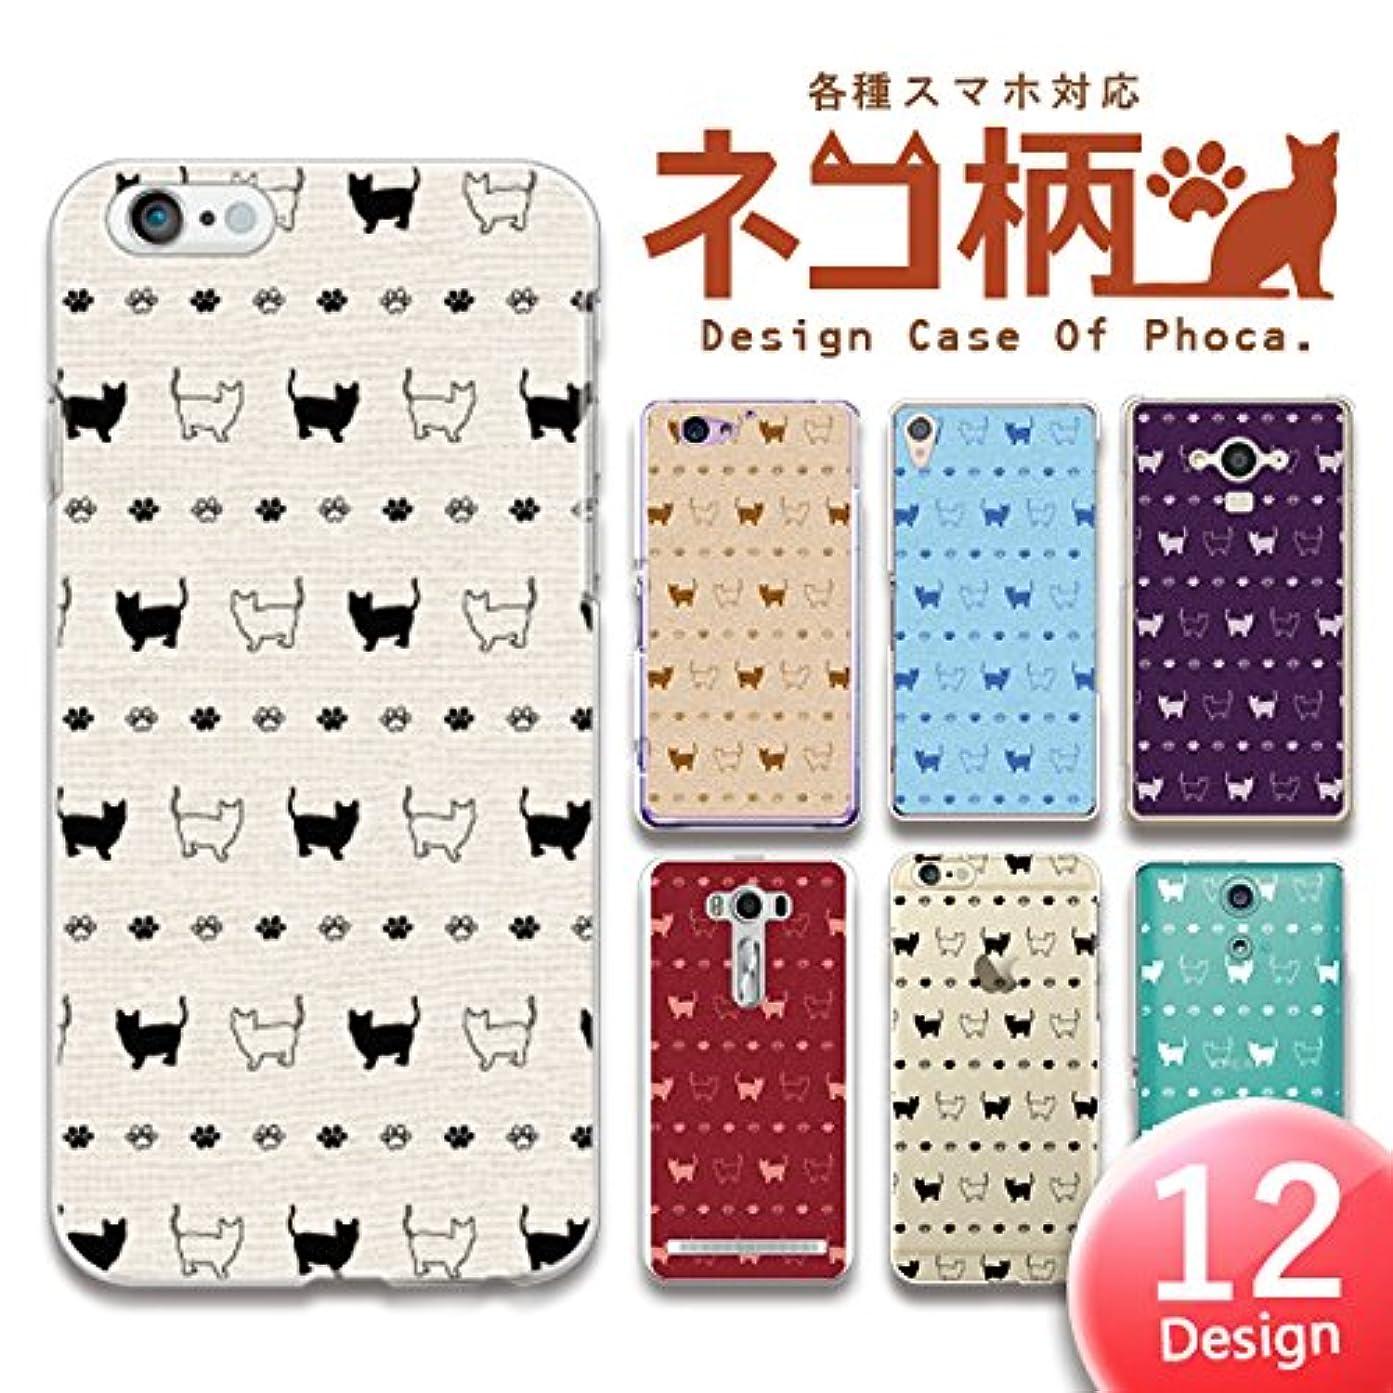 多様体可動式デジタルiPod touch7 touch6 (第7世代 第6世代) 共通 ネコ柄 ねこ 猫 【L】クリア?猫ホワイト ハードケース スマホケース スマホカバー